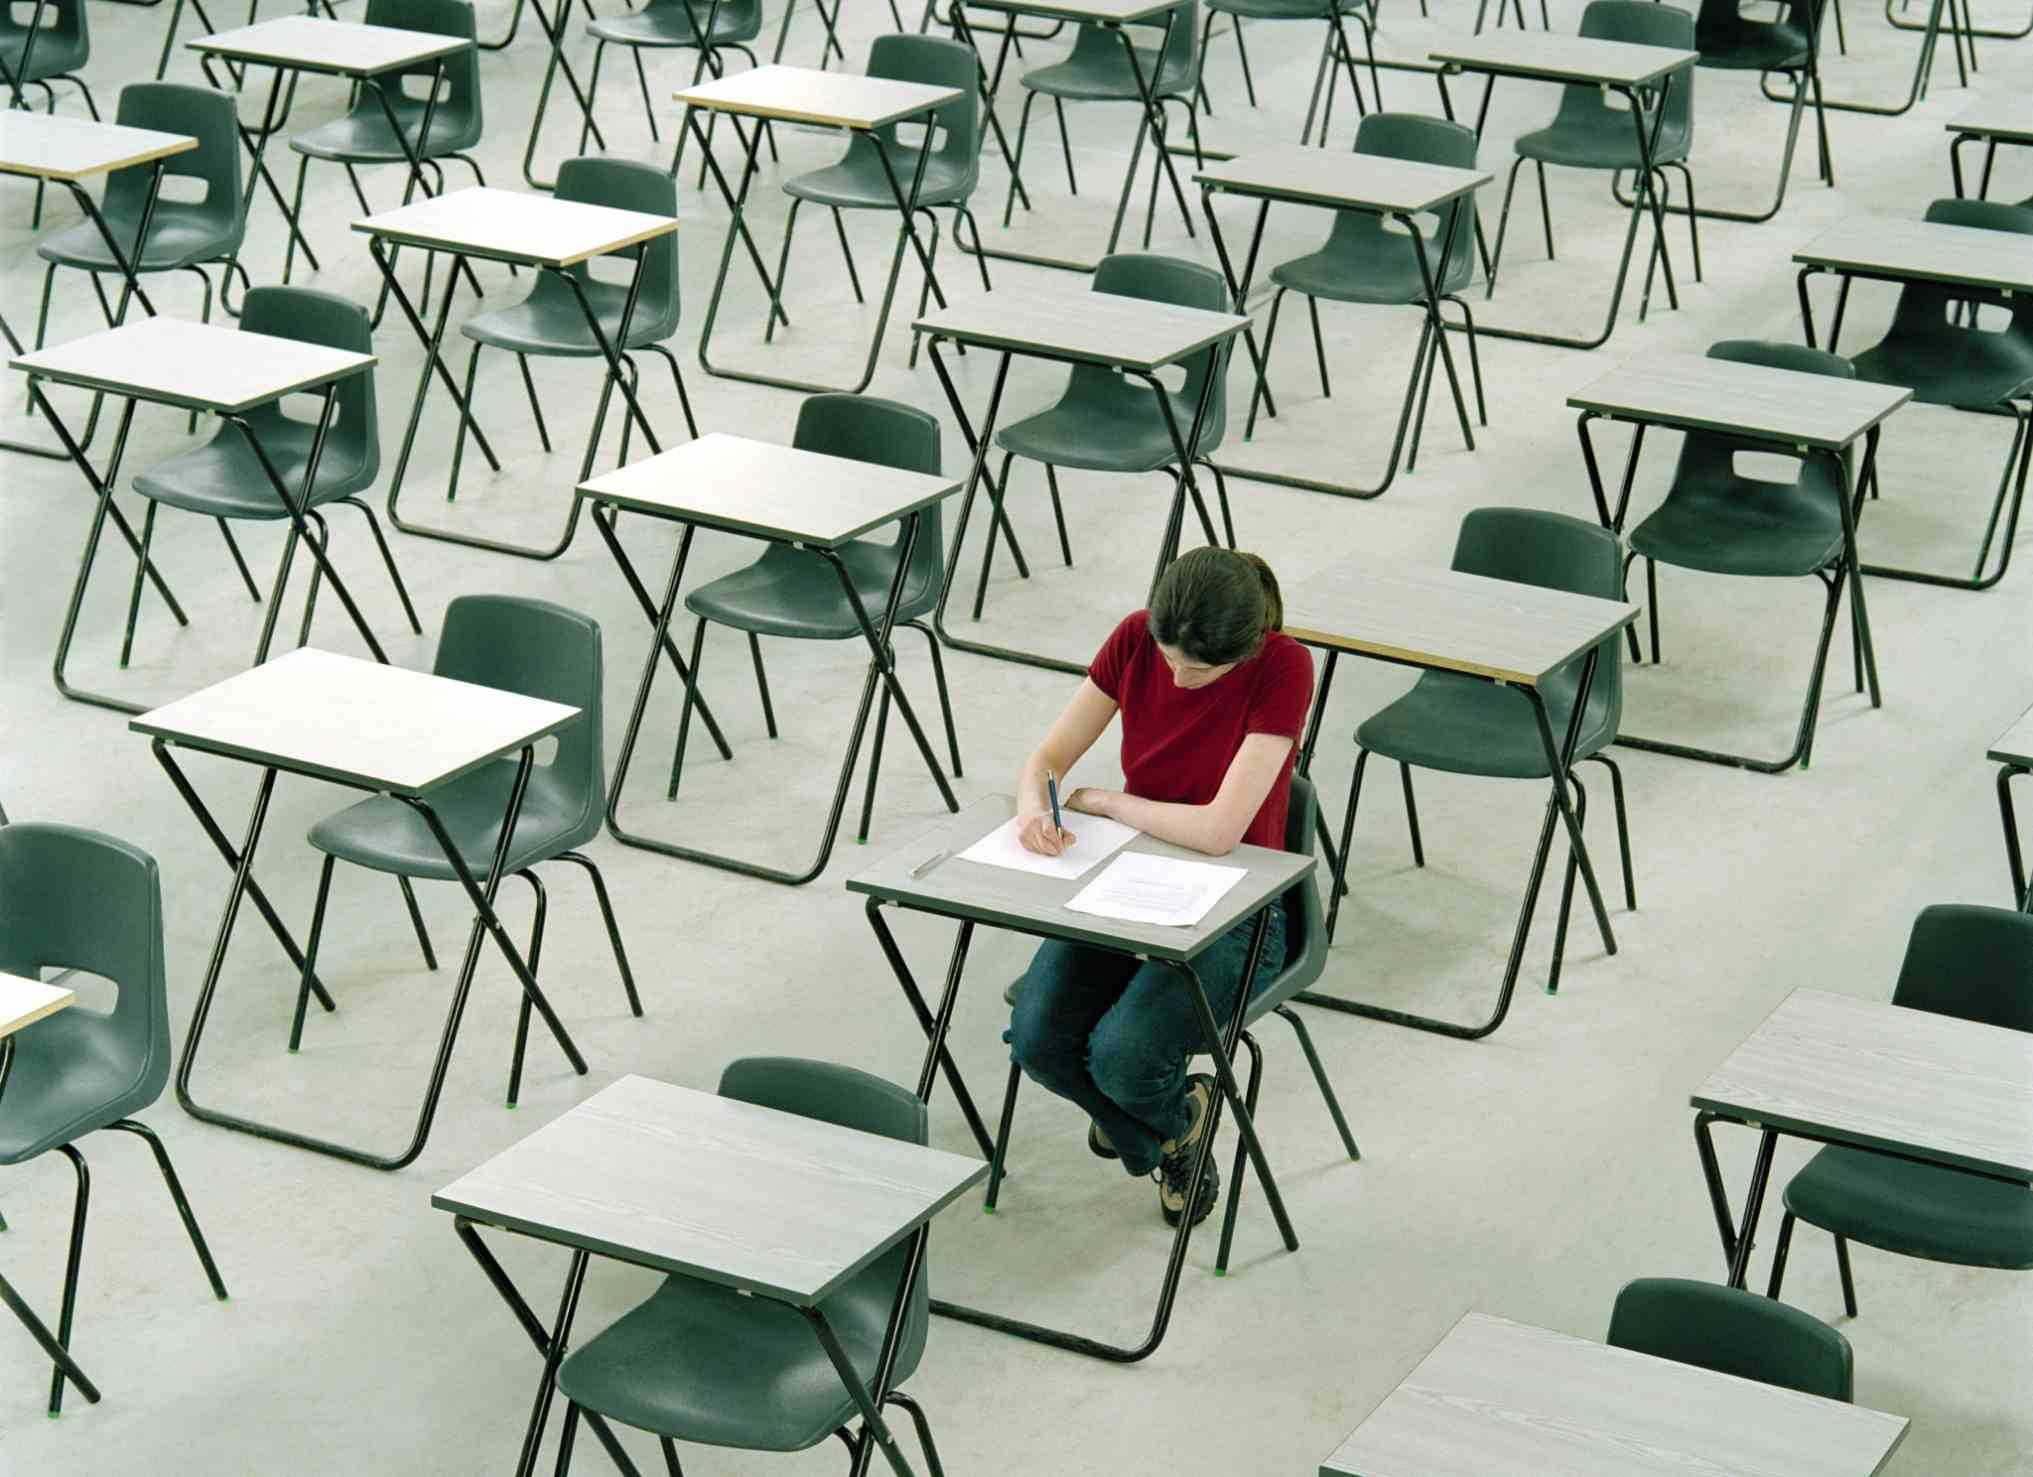 Student sitting at a desk among many empty desks